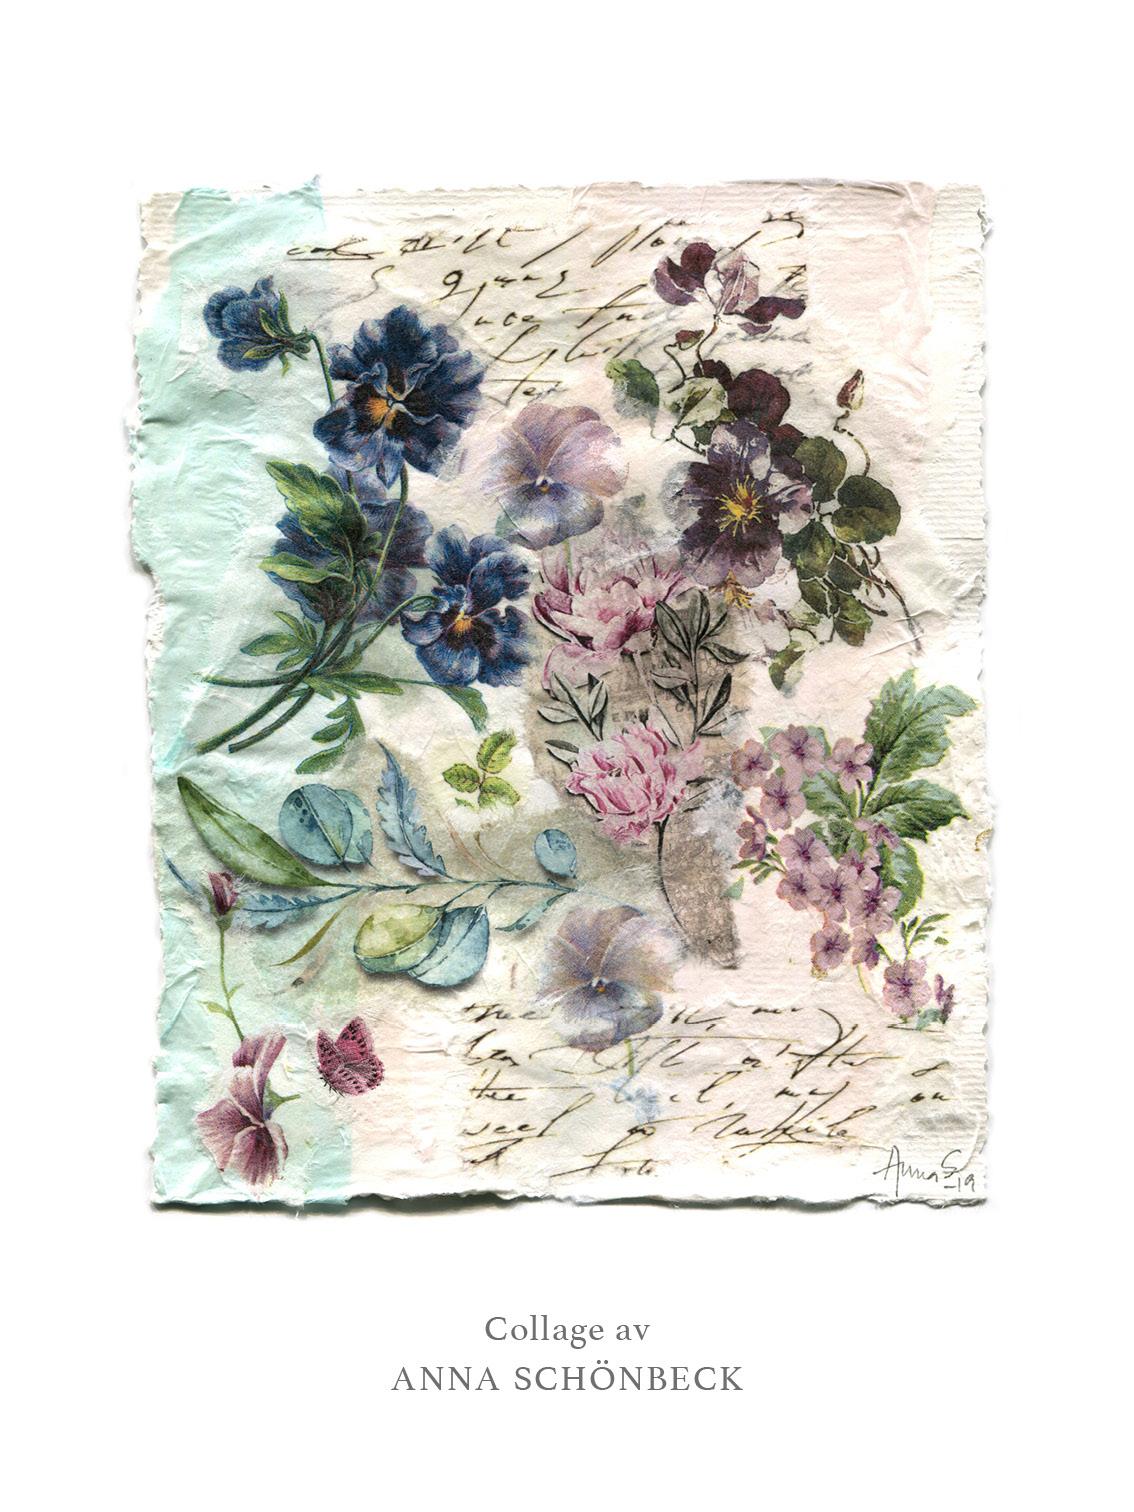 Collage 1, av Anna Schönbeck